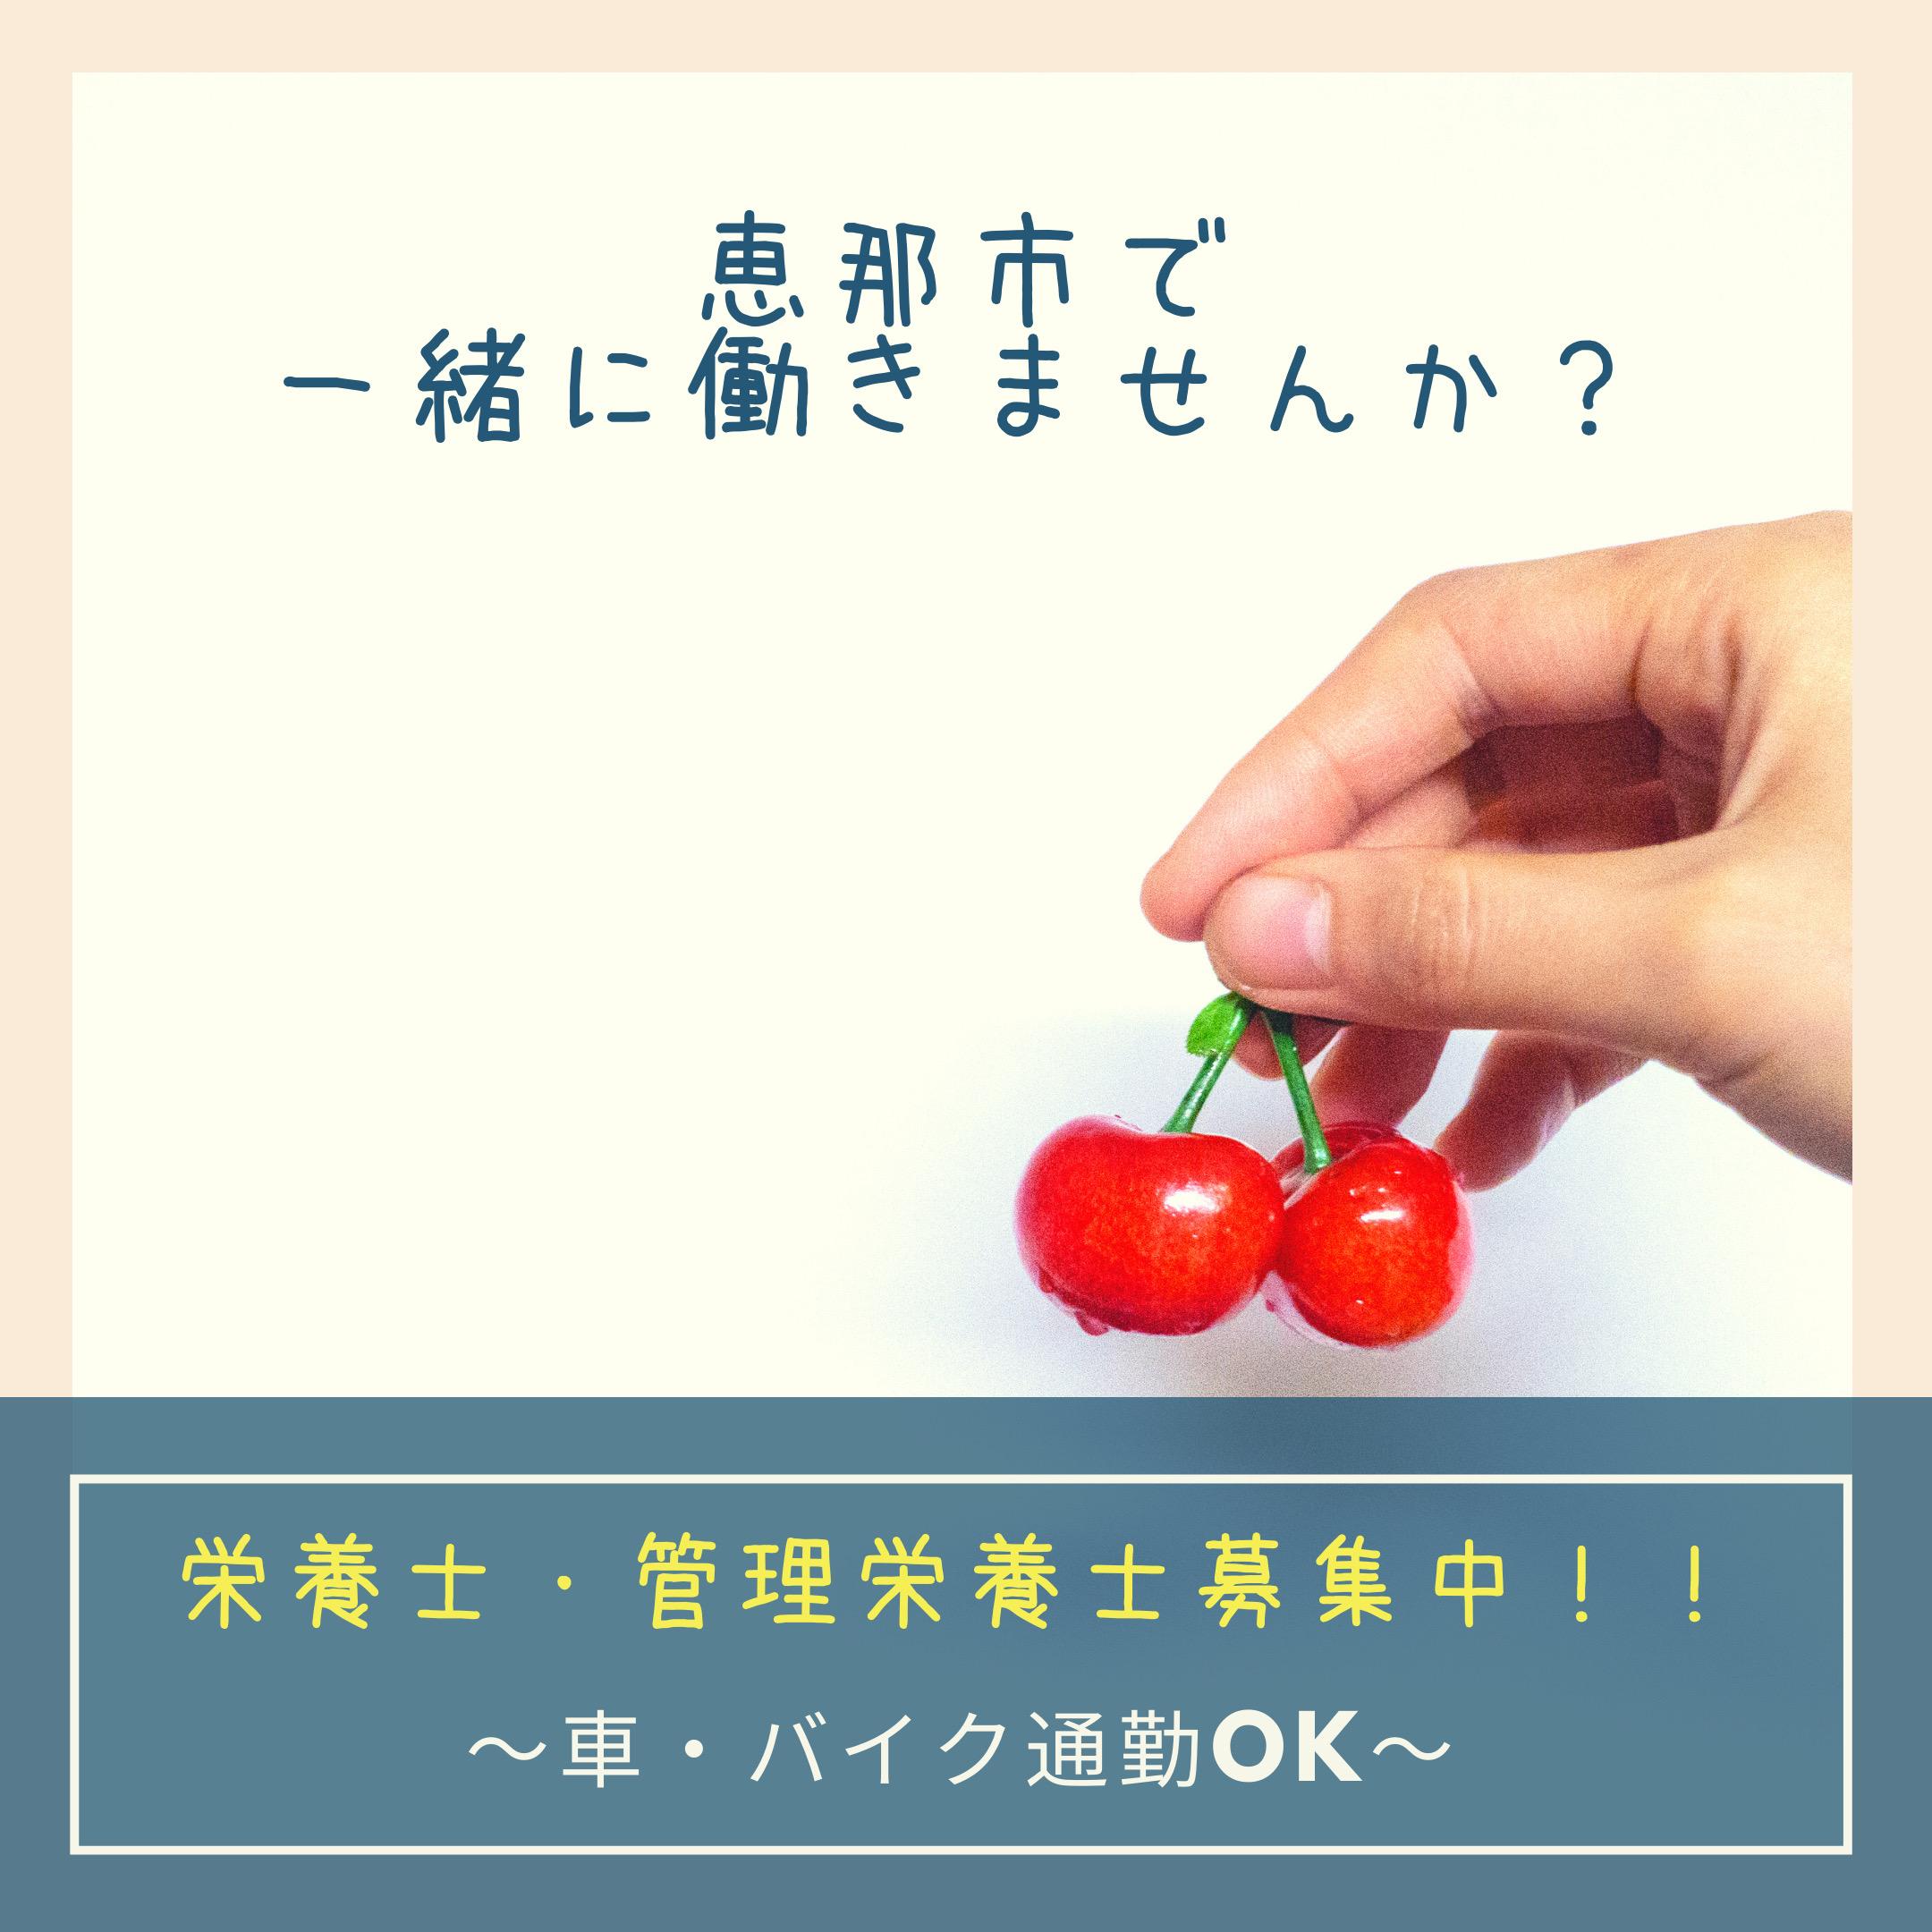 (社員)栄養士・管理栄養士!◆月給 17万円~26万円◆賞与年 2回◆食事補助あり イメージ